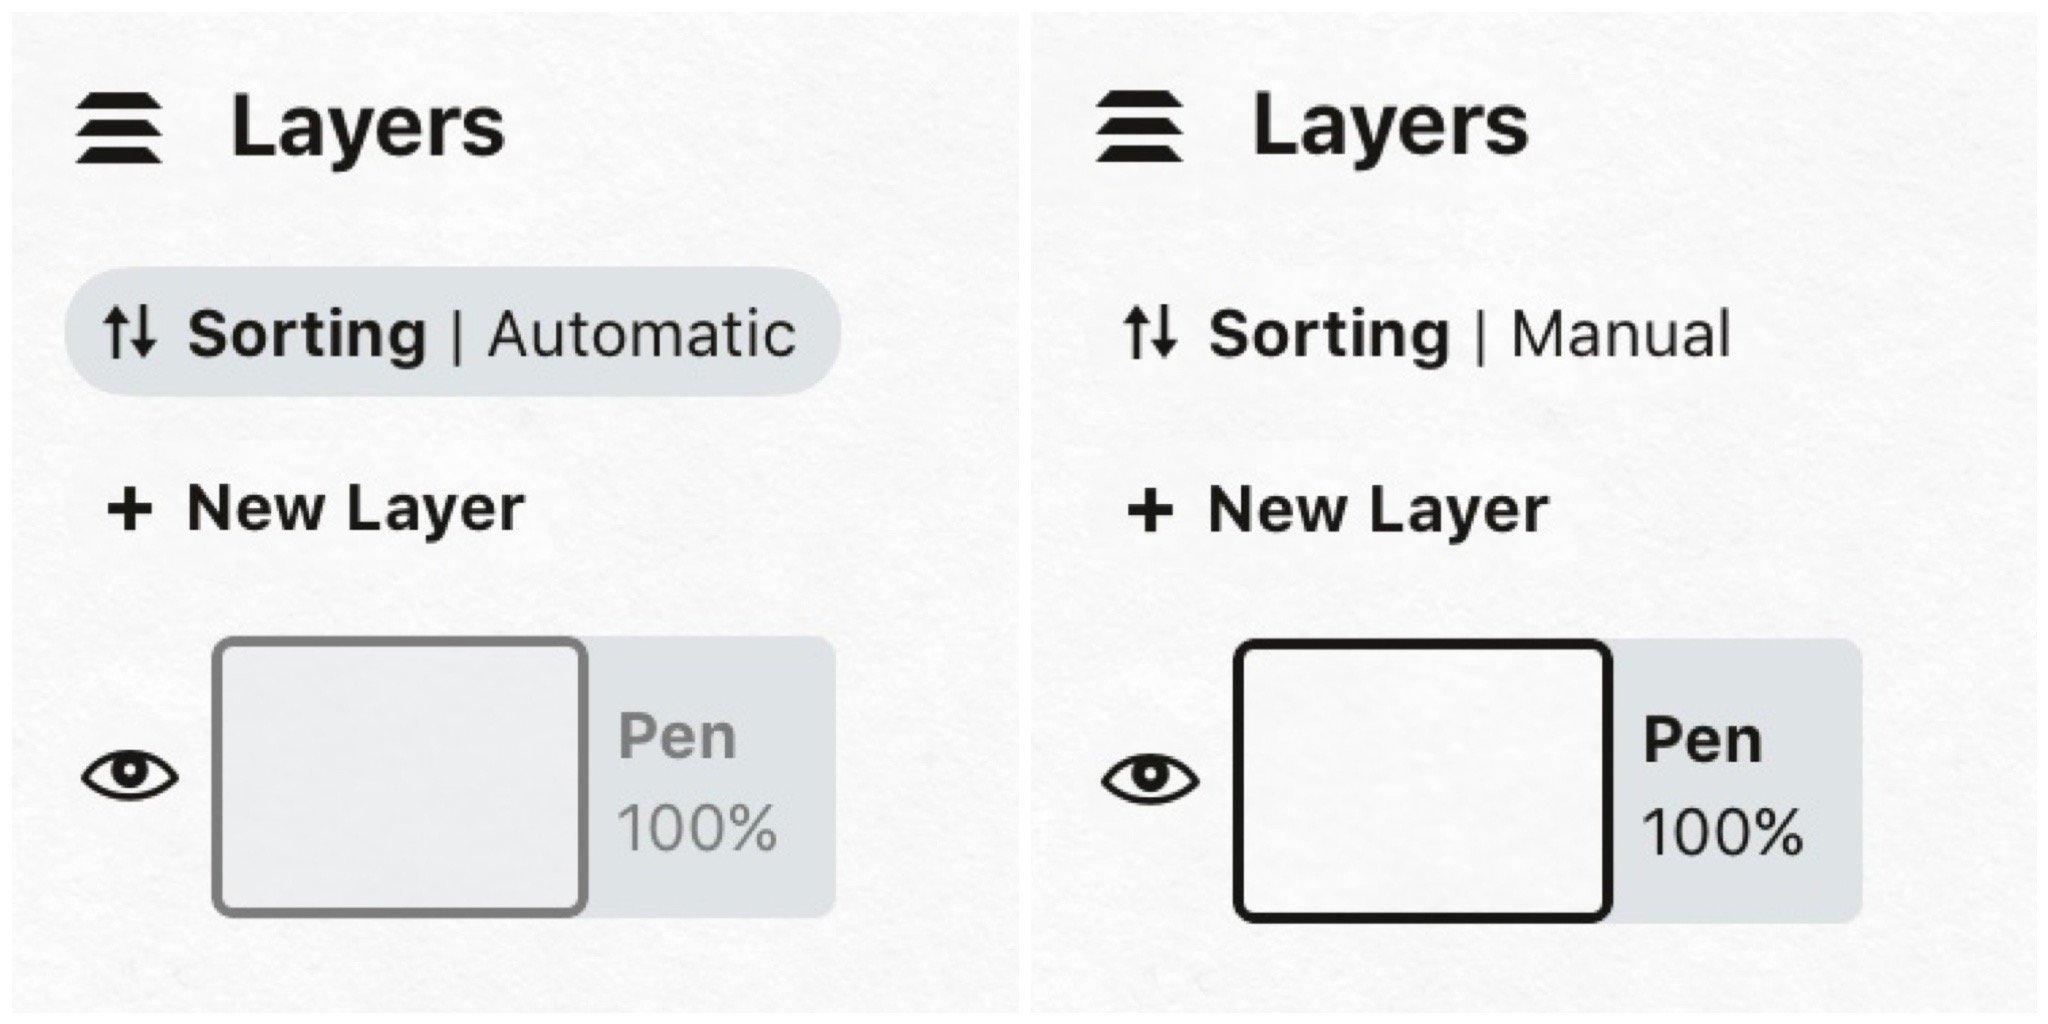 layers_manualautomatic.JPG